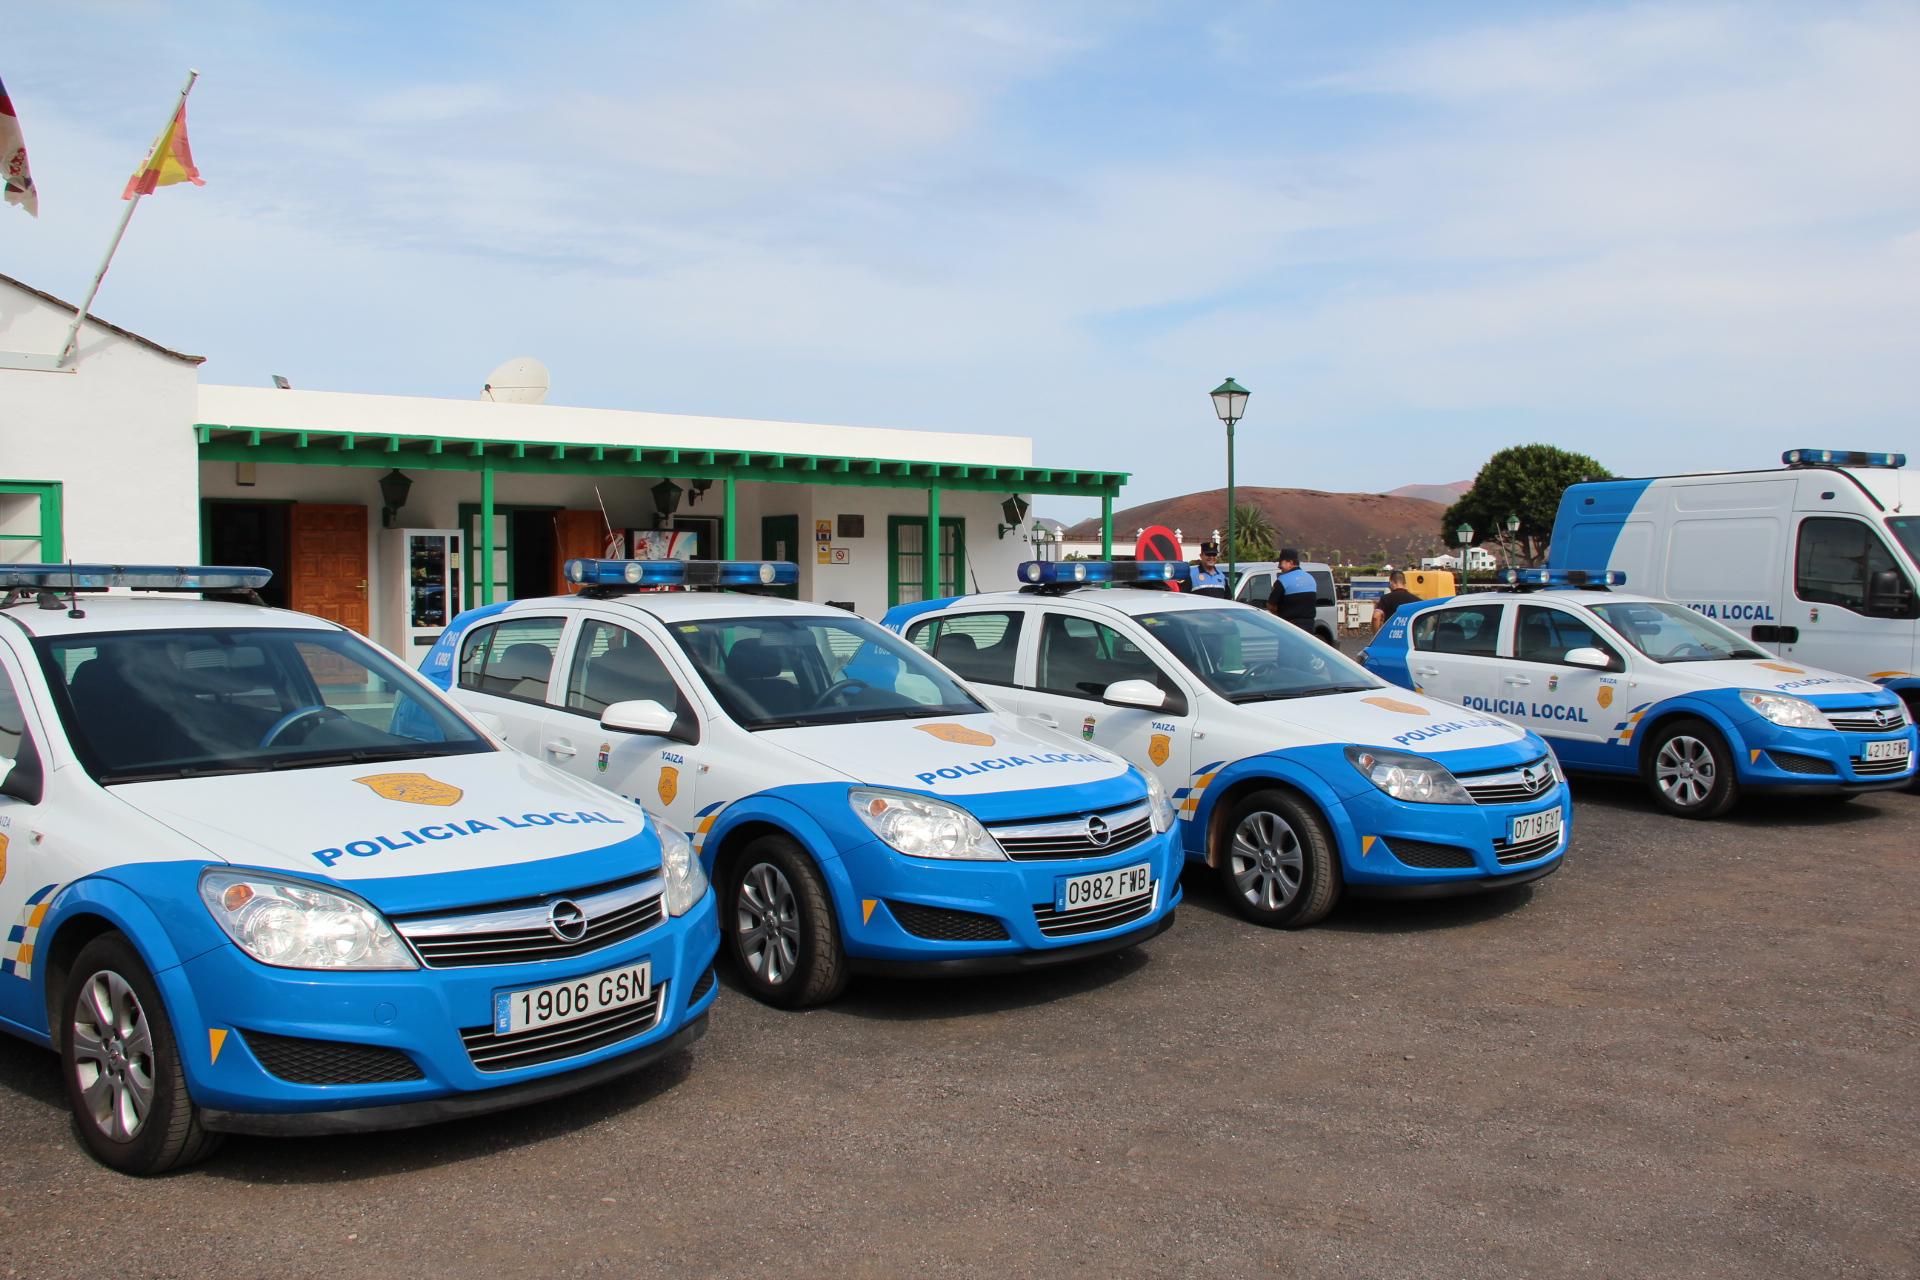 Yaiza saca a licitaci n la compra de coches nuevos para la for Compra de comedores nuevos